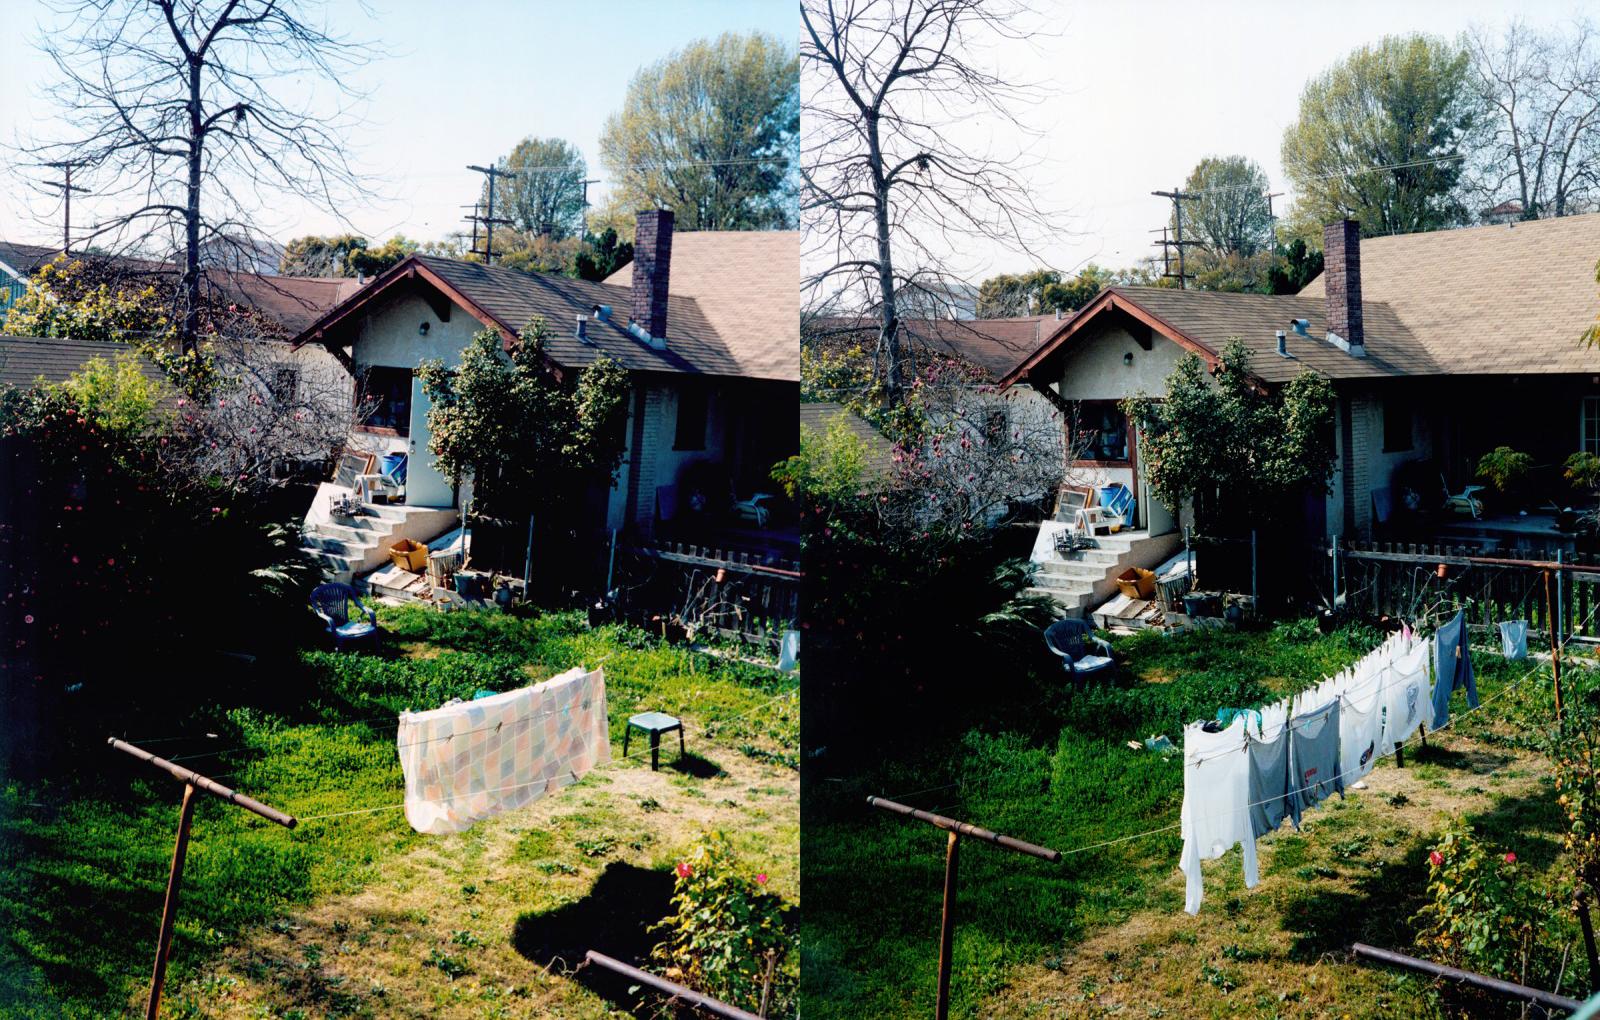 ec_backyard_18-19.jpg